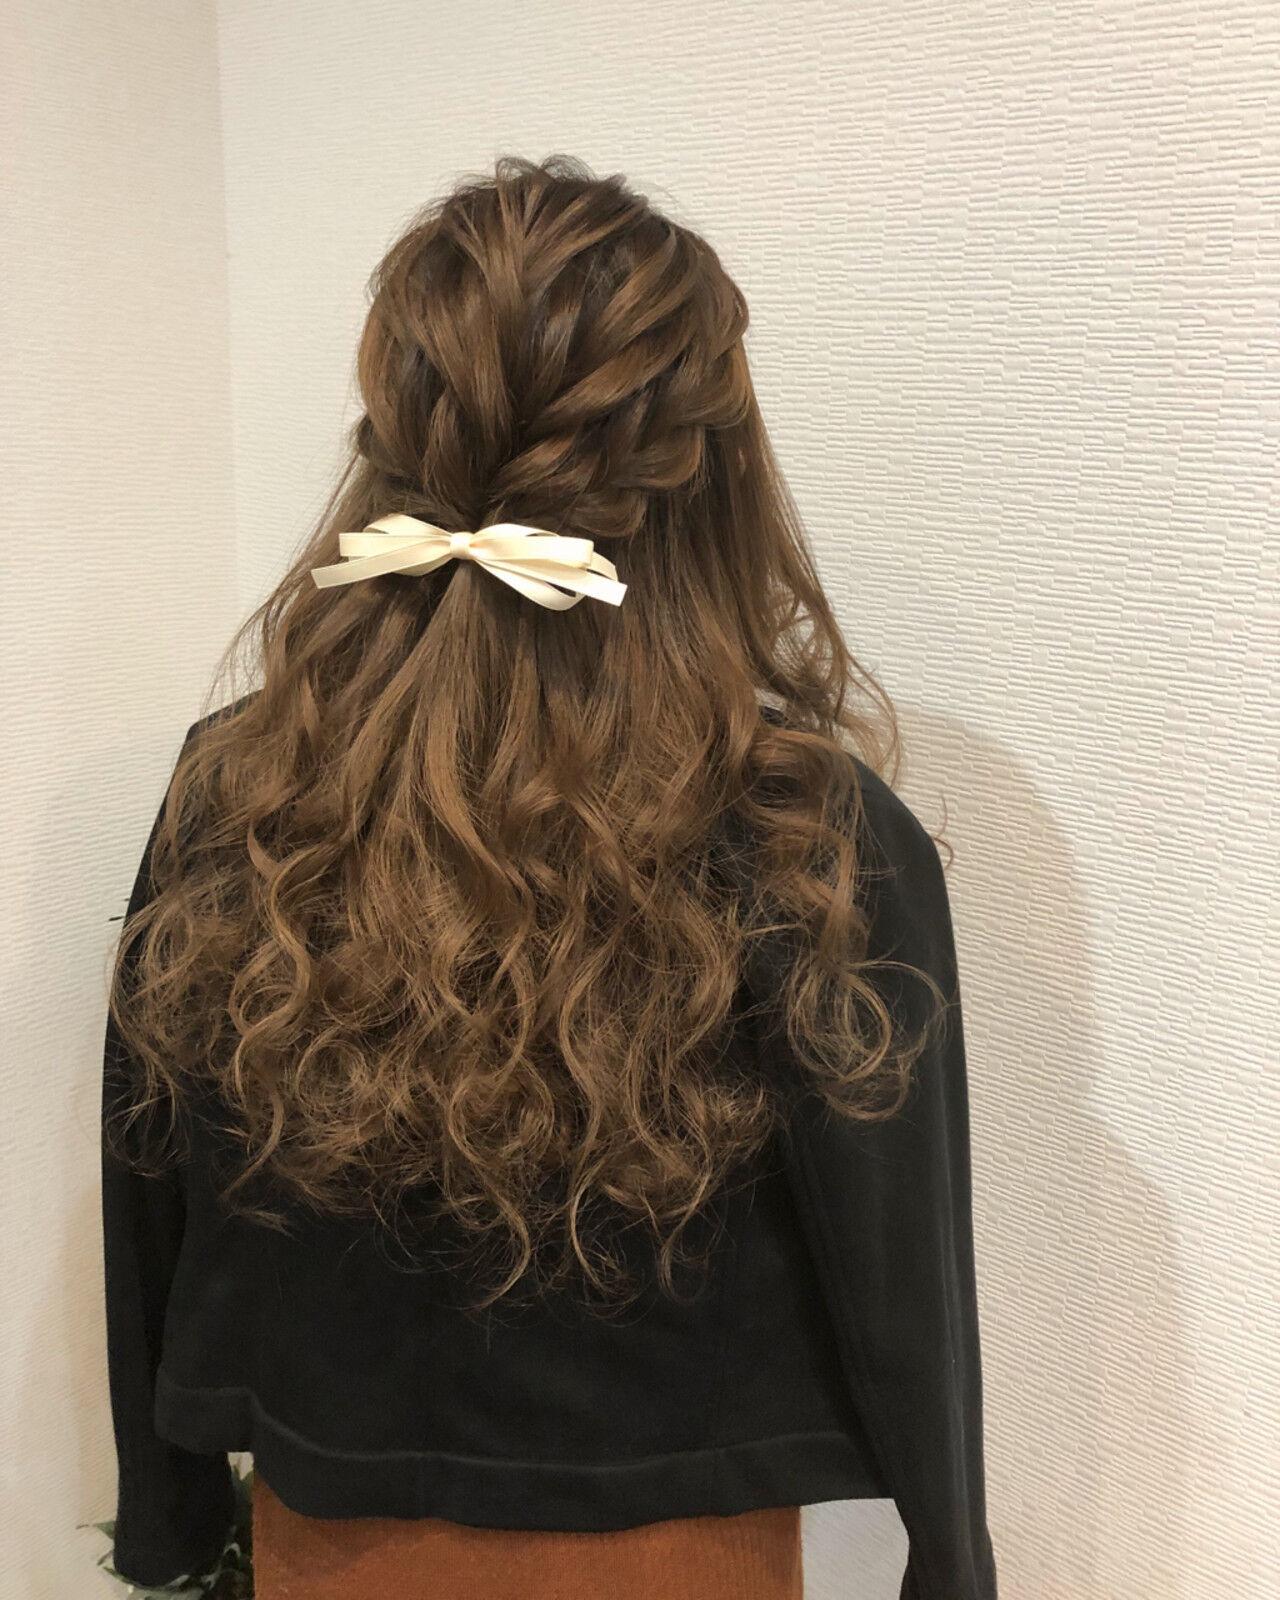 ロング ガーリー 編み込み ハーフアップヘアスタイルや髪型の写真・画像